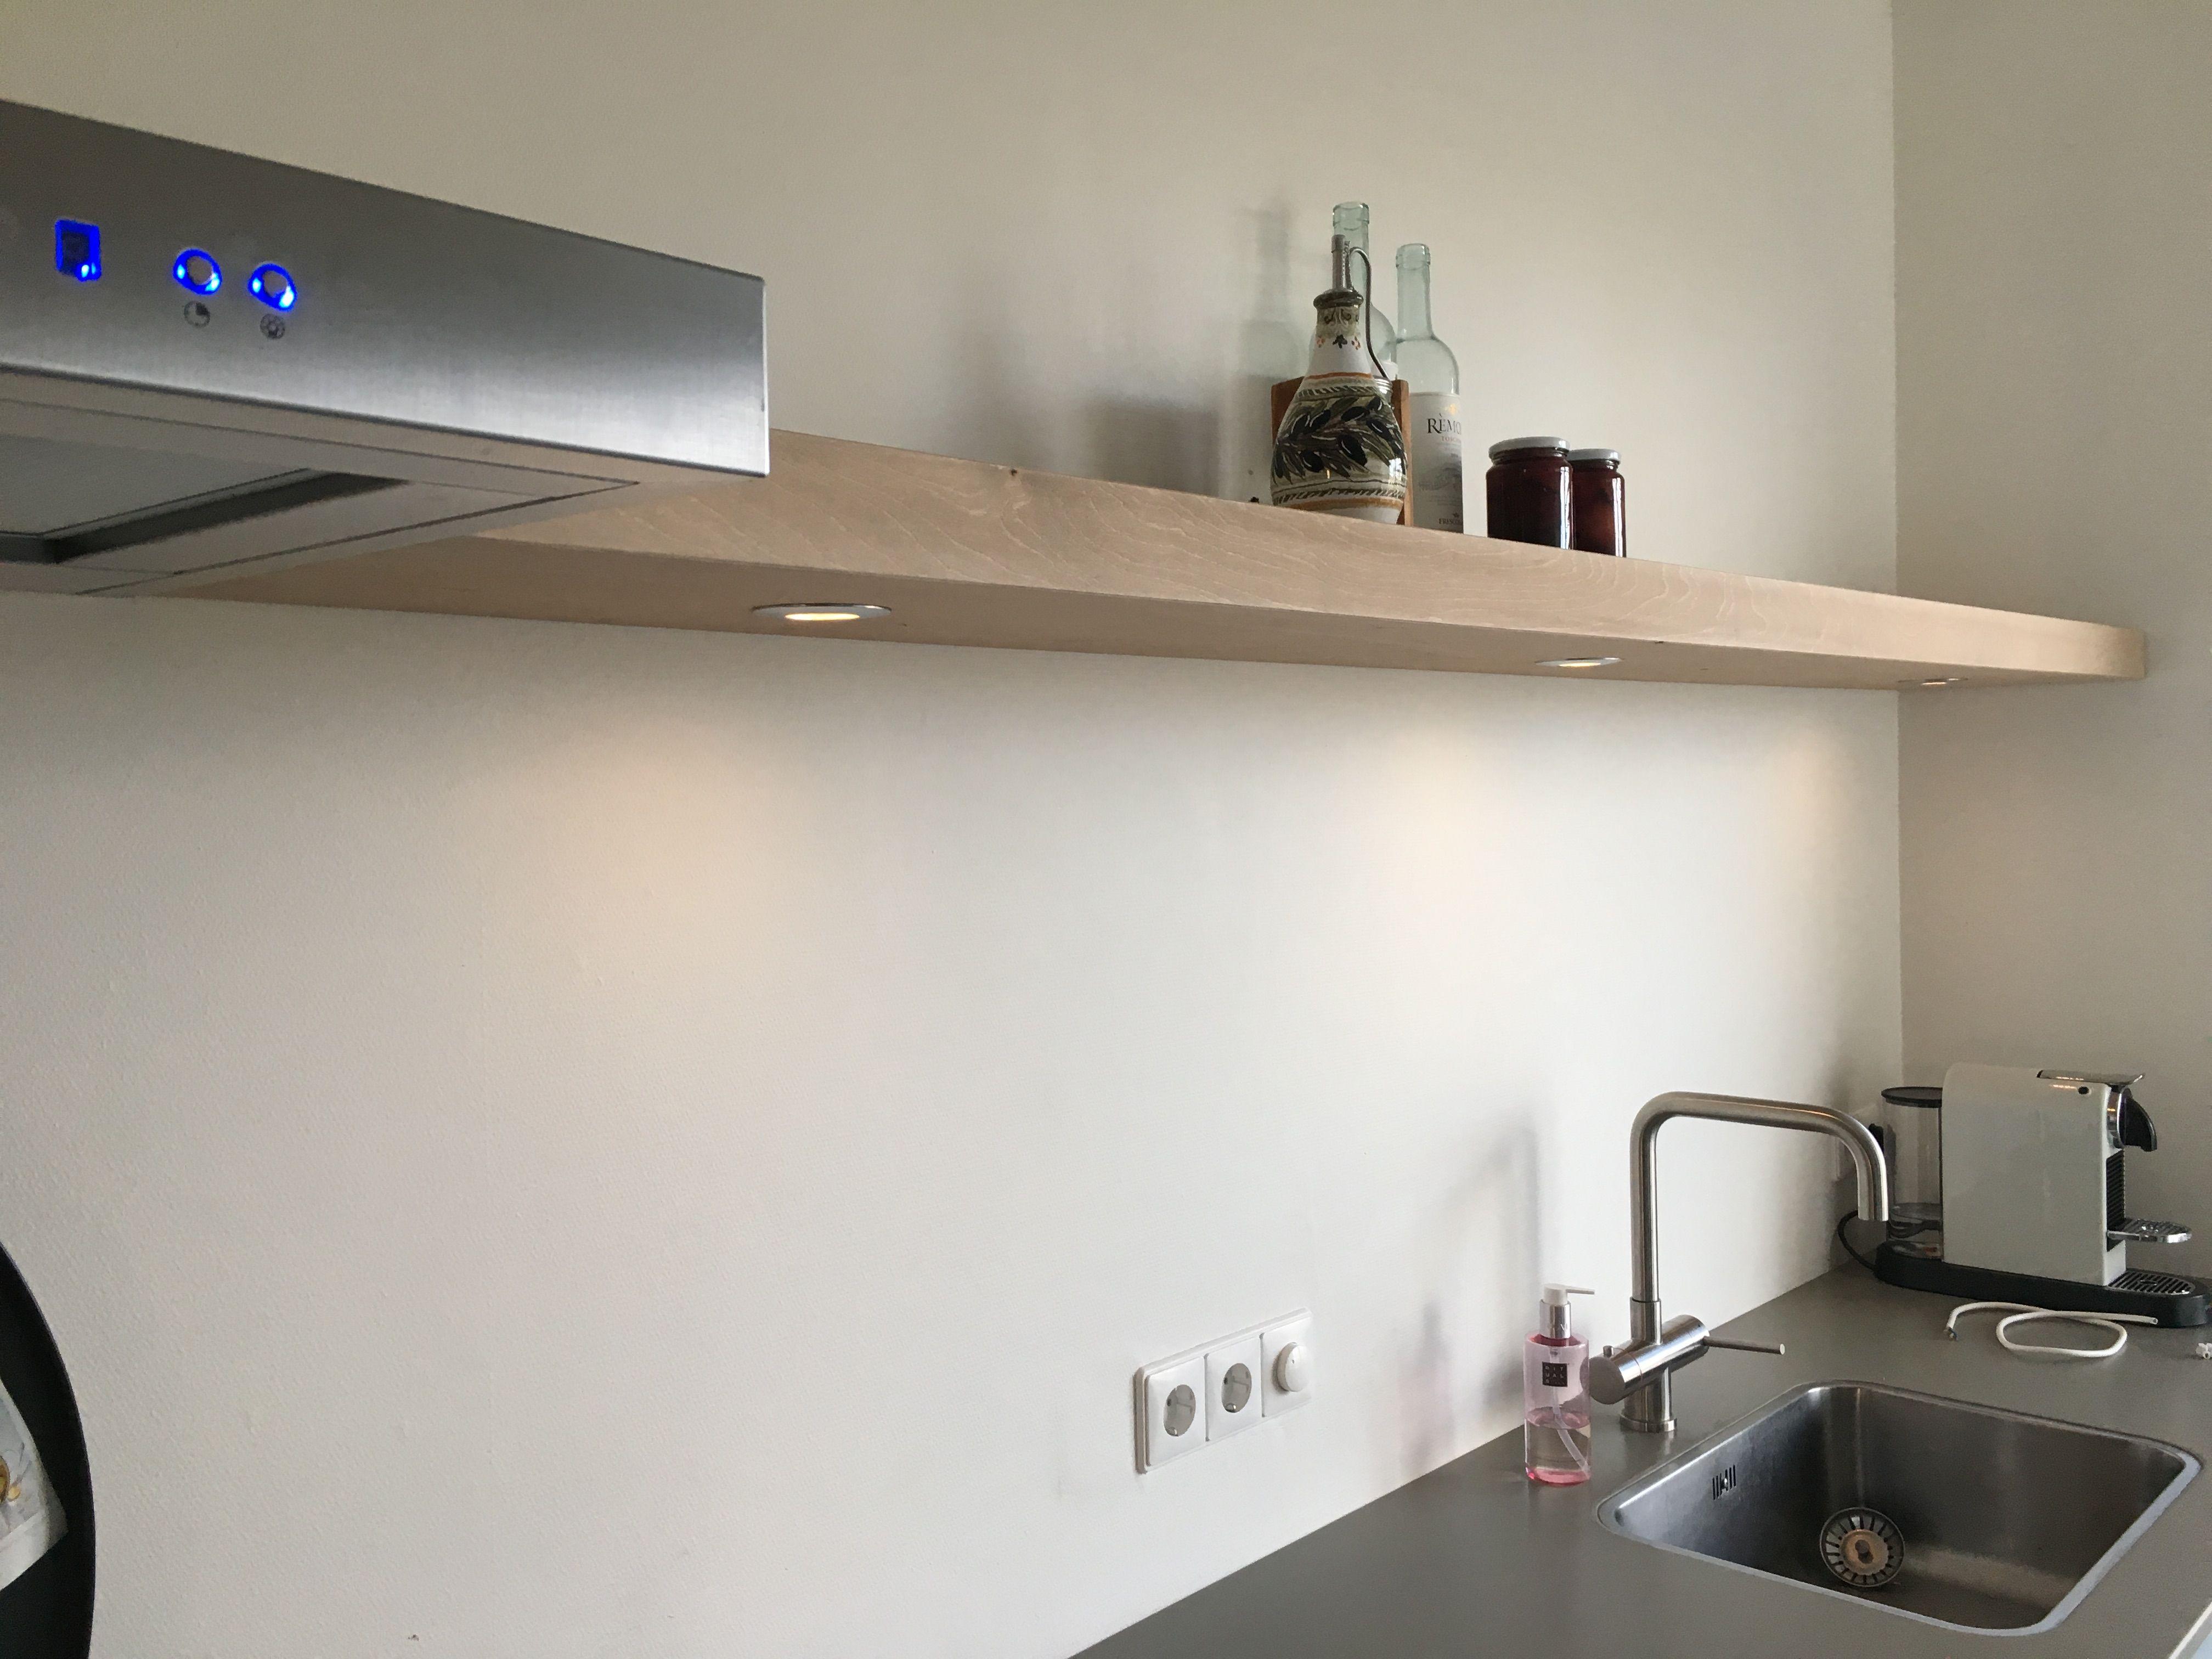 Wandplank Met Verlichting Keuken.Wandplank Met Verlichting Voor In De Keuken Www Zuilenopmaat Nl